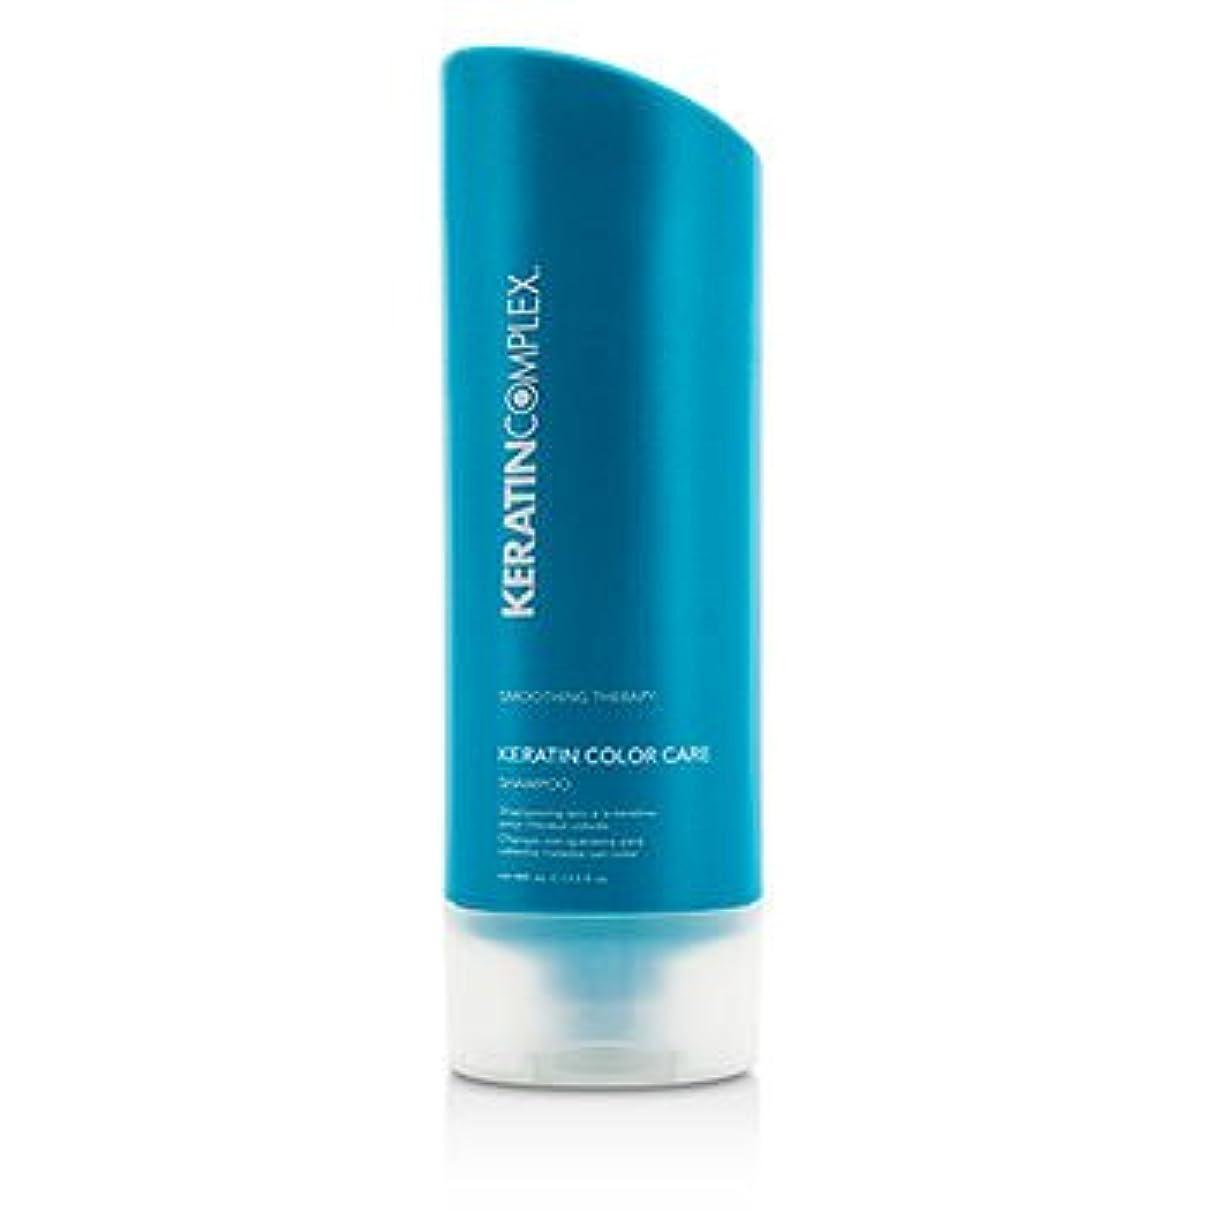 同封するガス何か[Keratin Complex] Smoothing Therapy Keratin Color Care Shampoo (For All Hair Types) 400ml/13.5oz